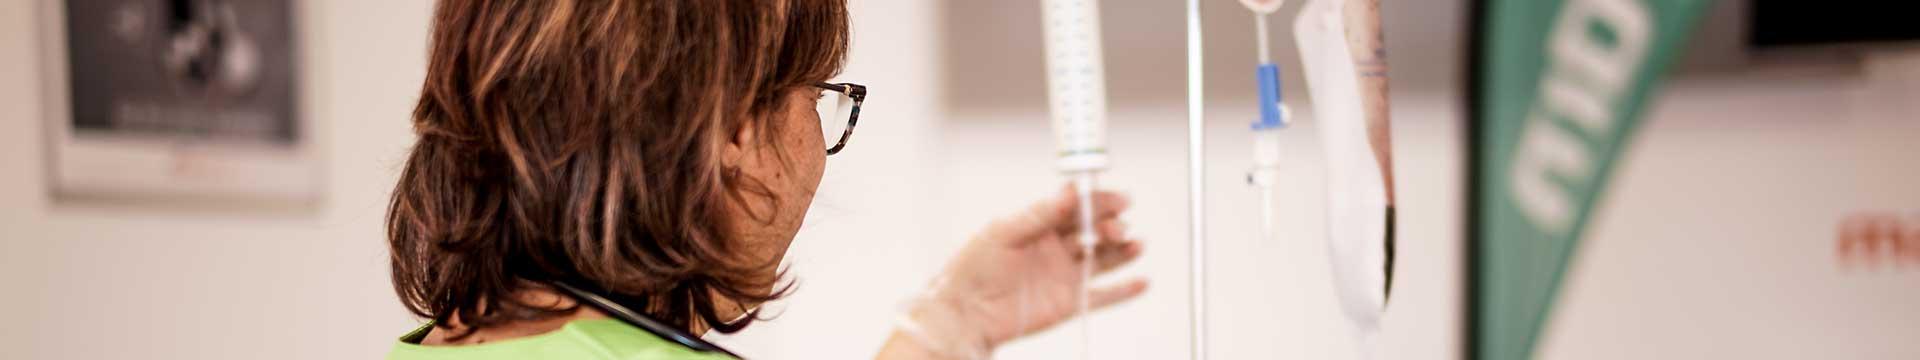 Curso Asistencia a la Atención Clínica en Centros Veterinarios